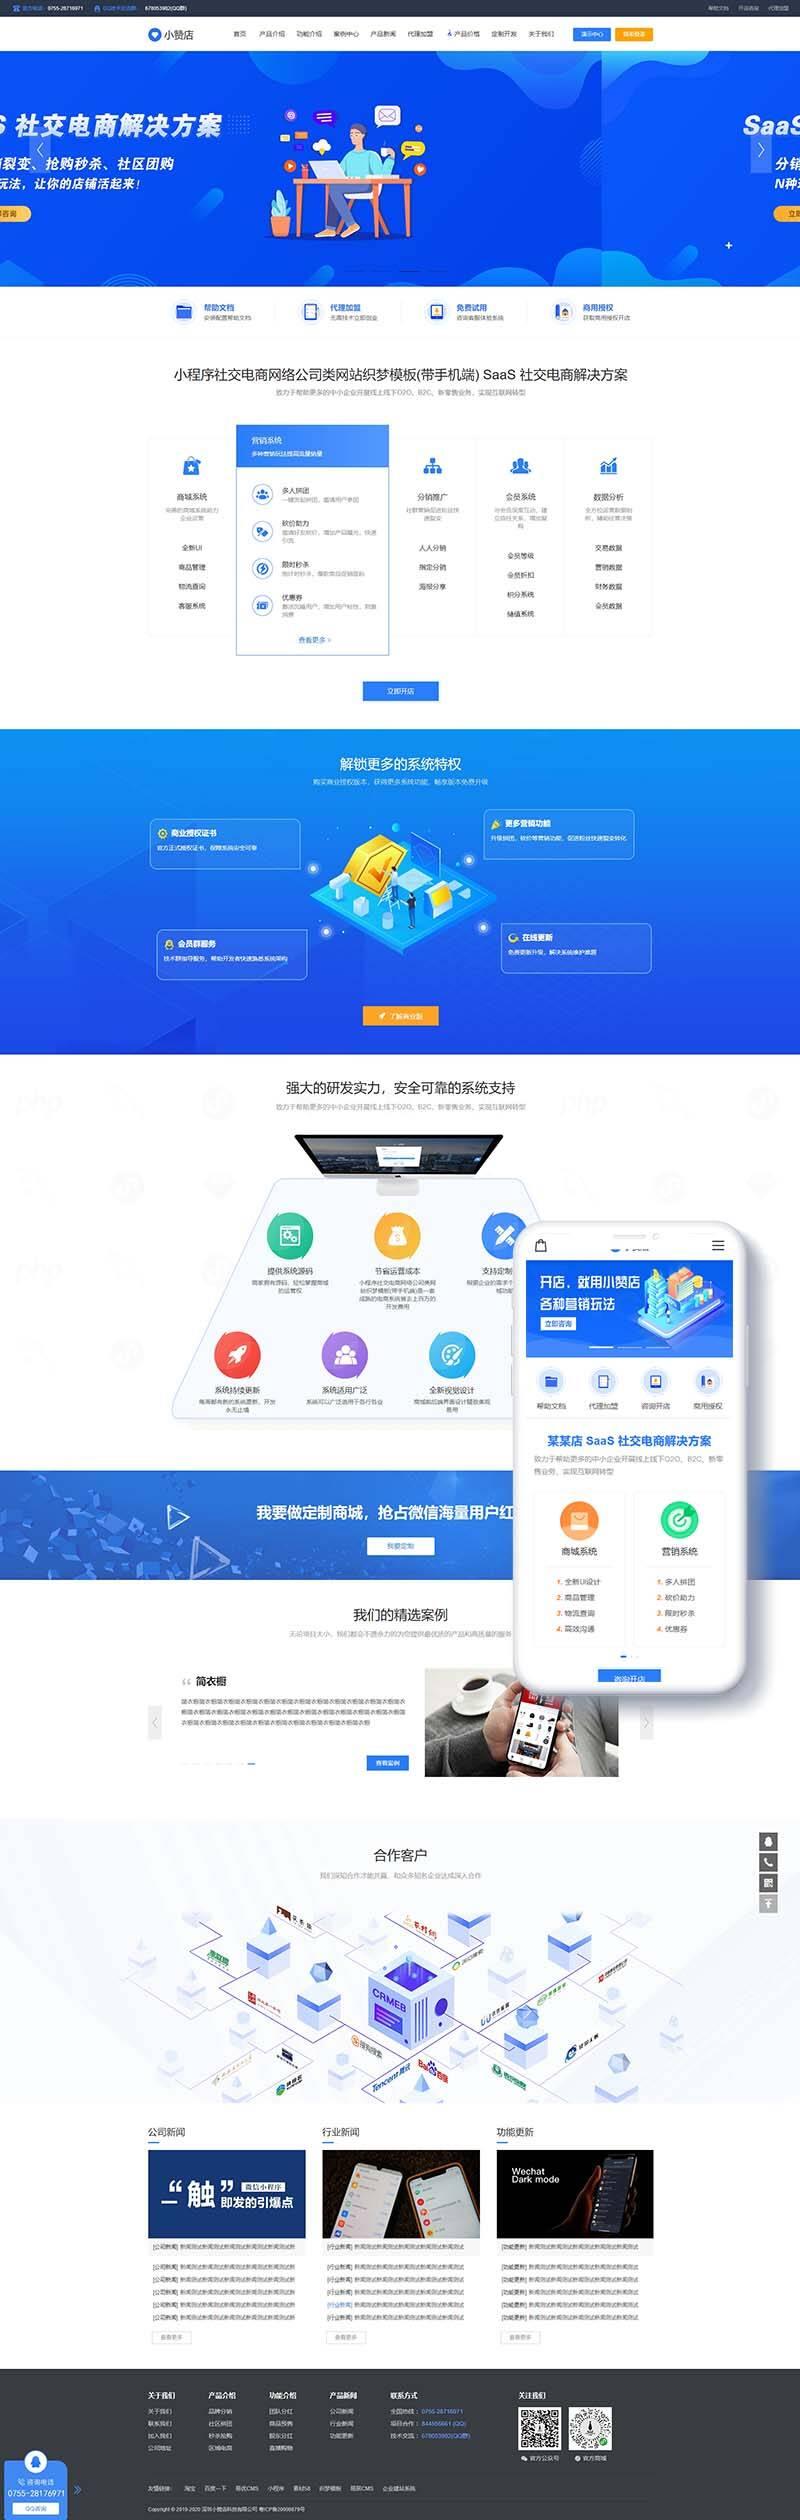 小程序社交电商网络公司类网站织梦模板(带手机端)